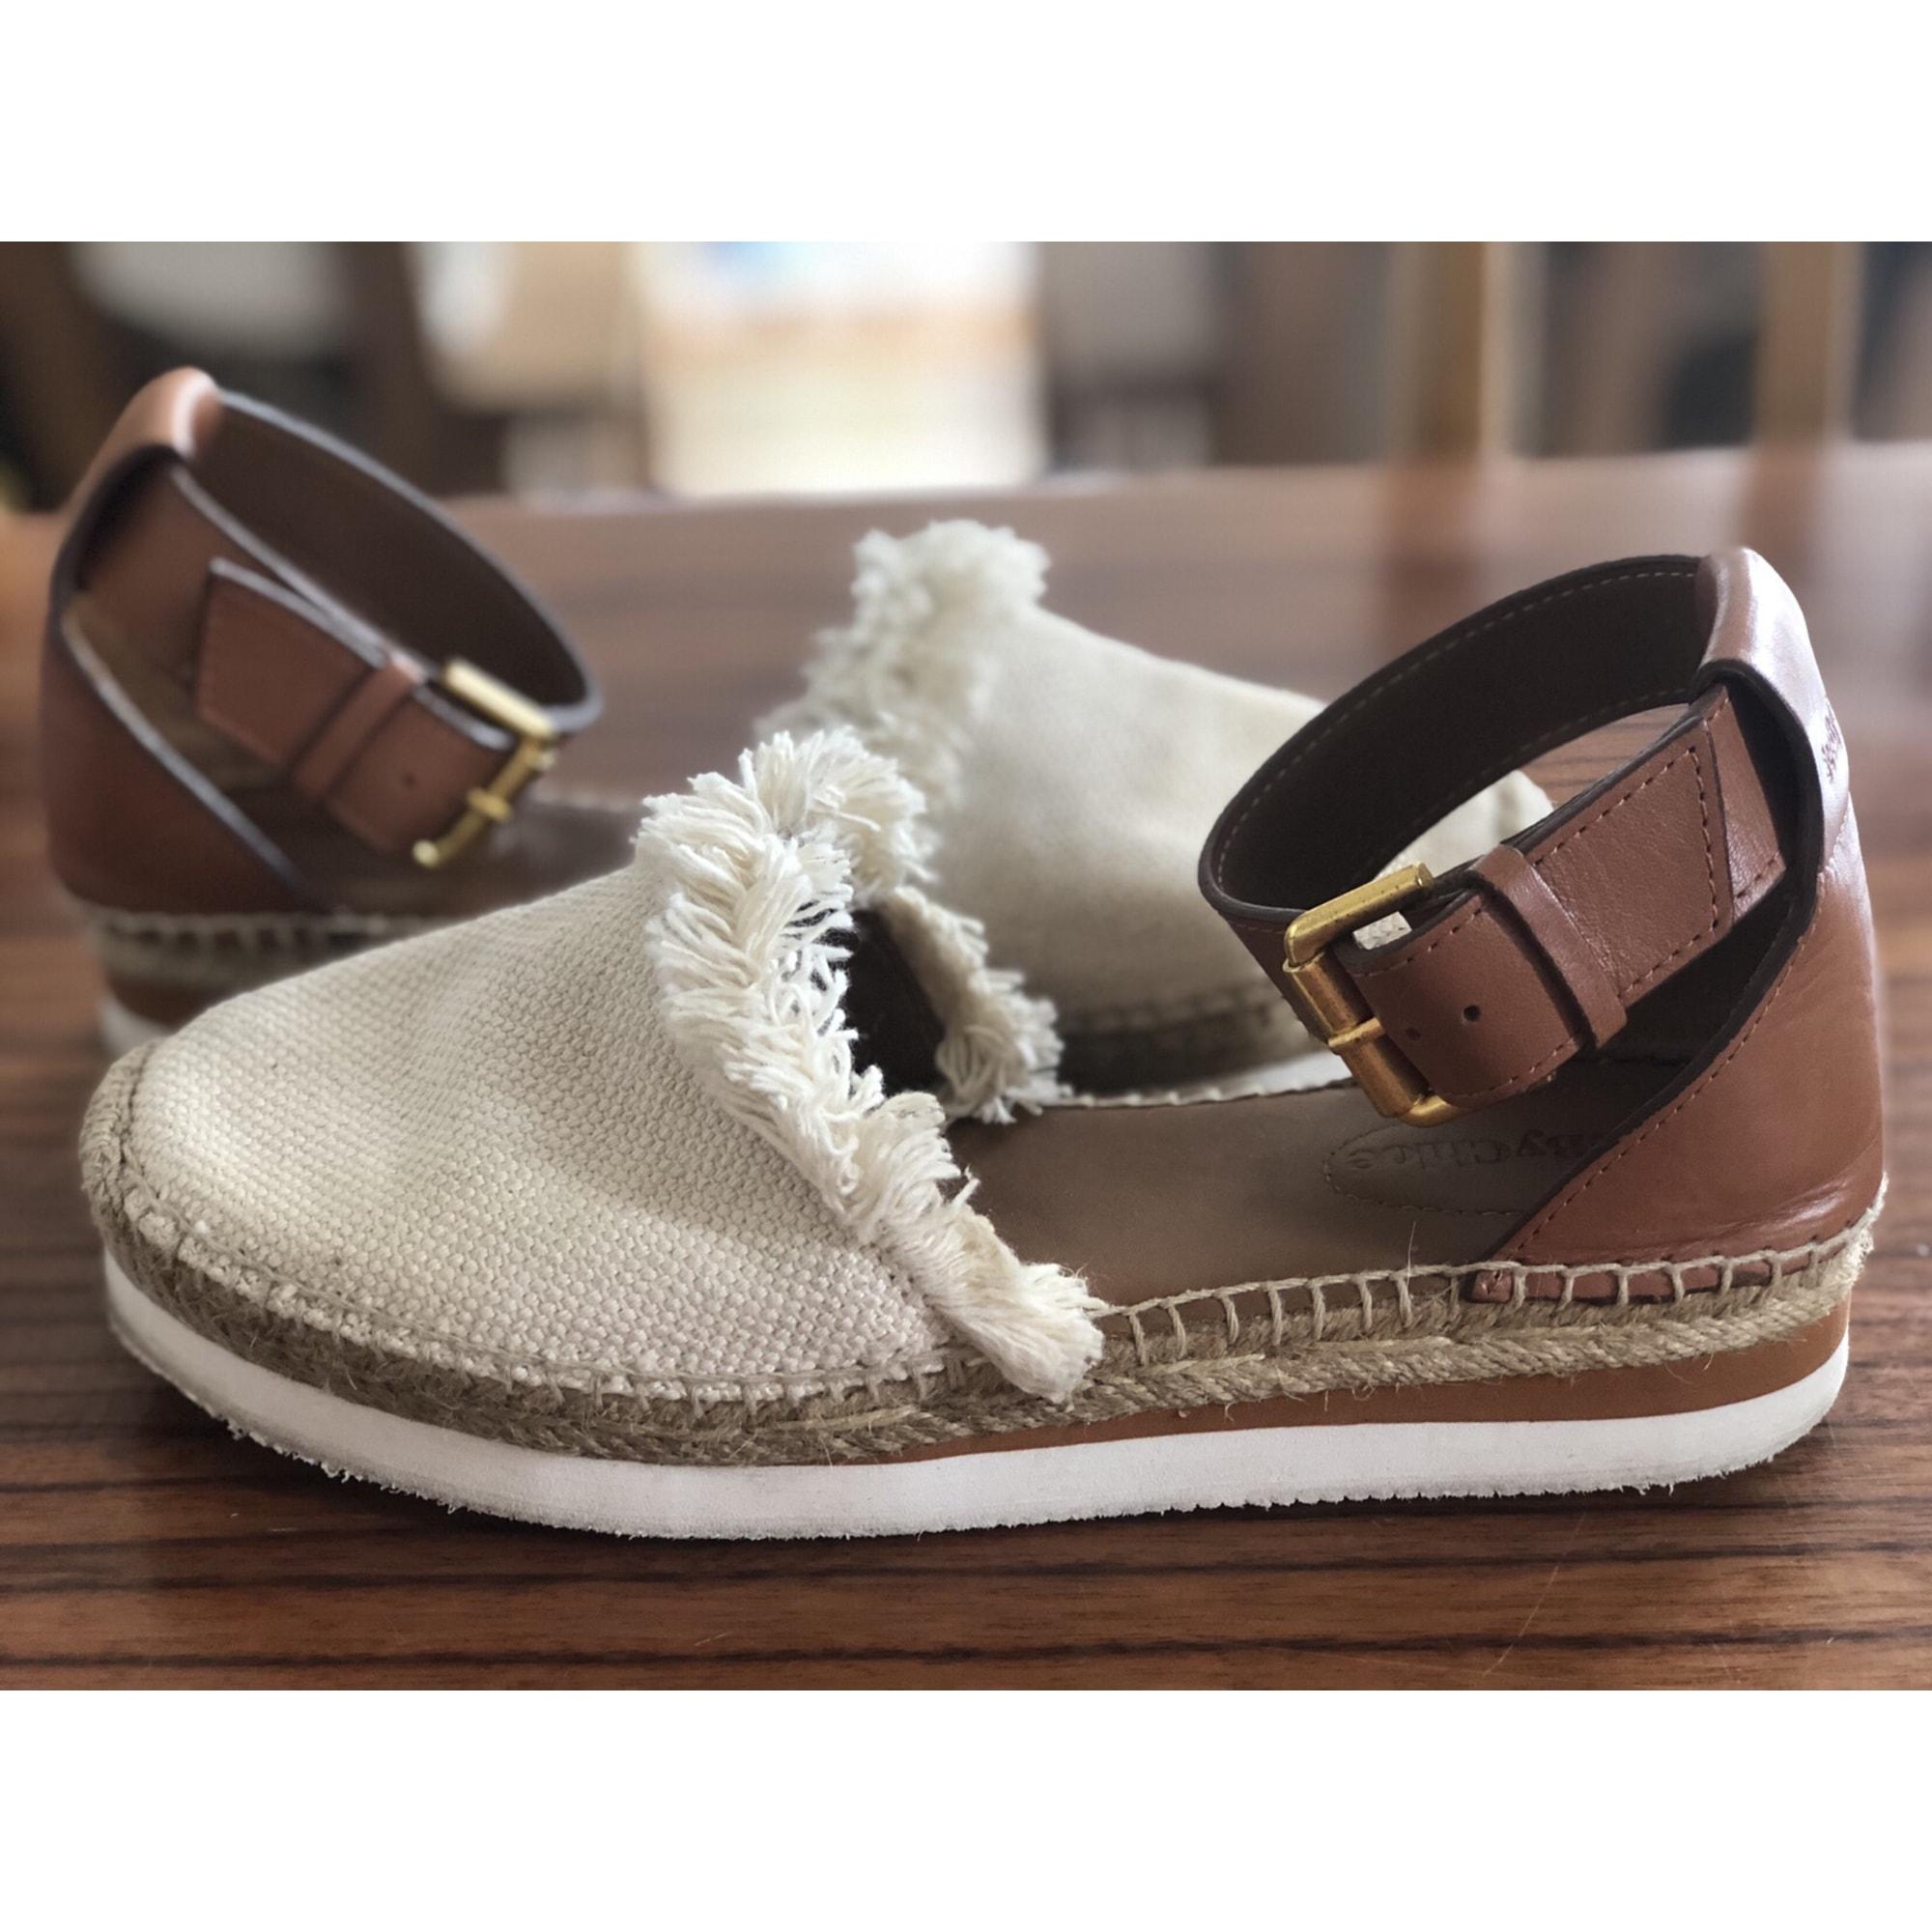 Sandales compensées SEE BY CHLOE Beige, camel